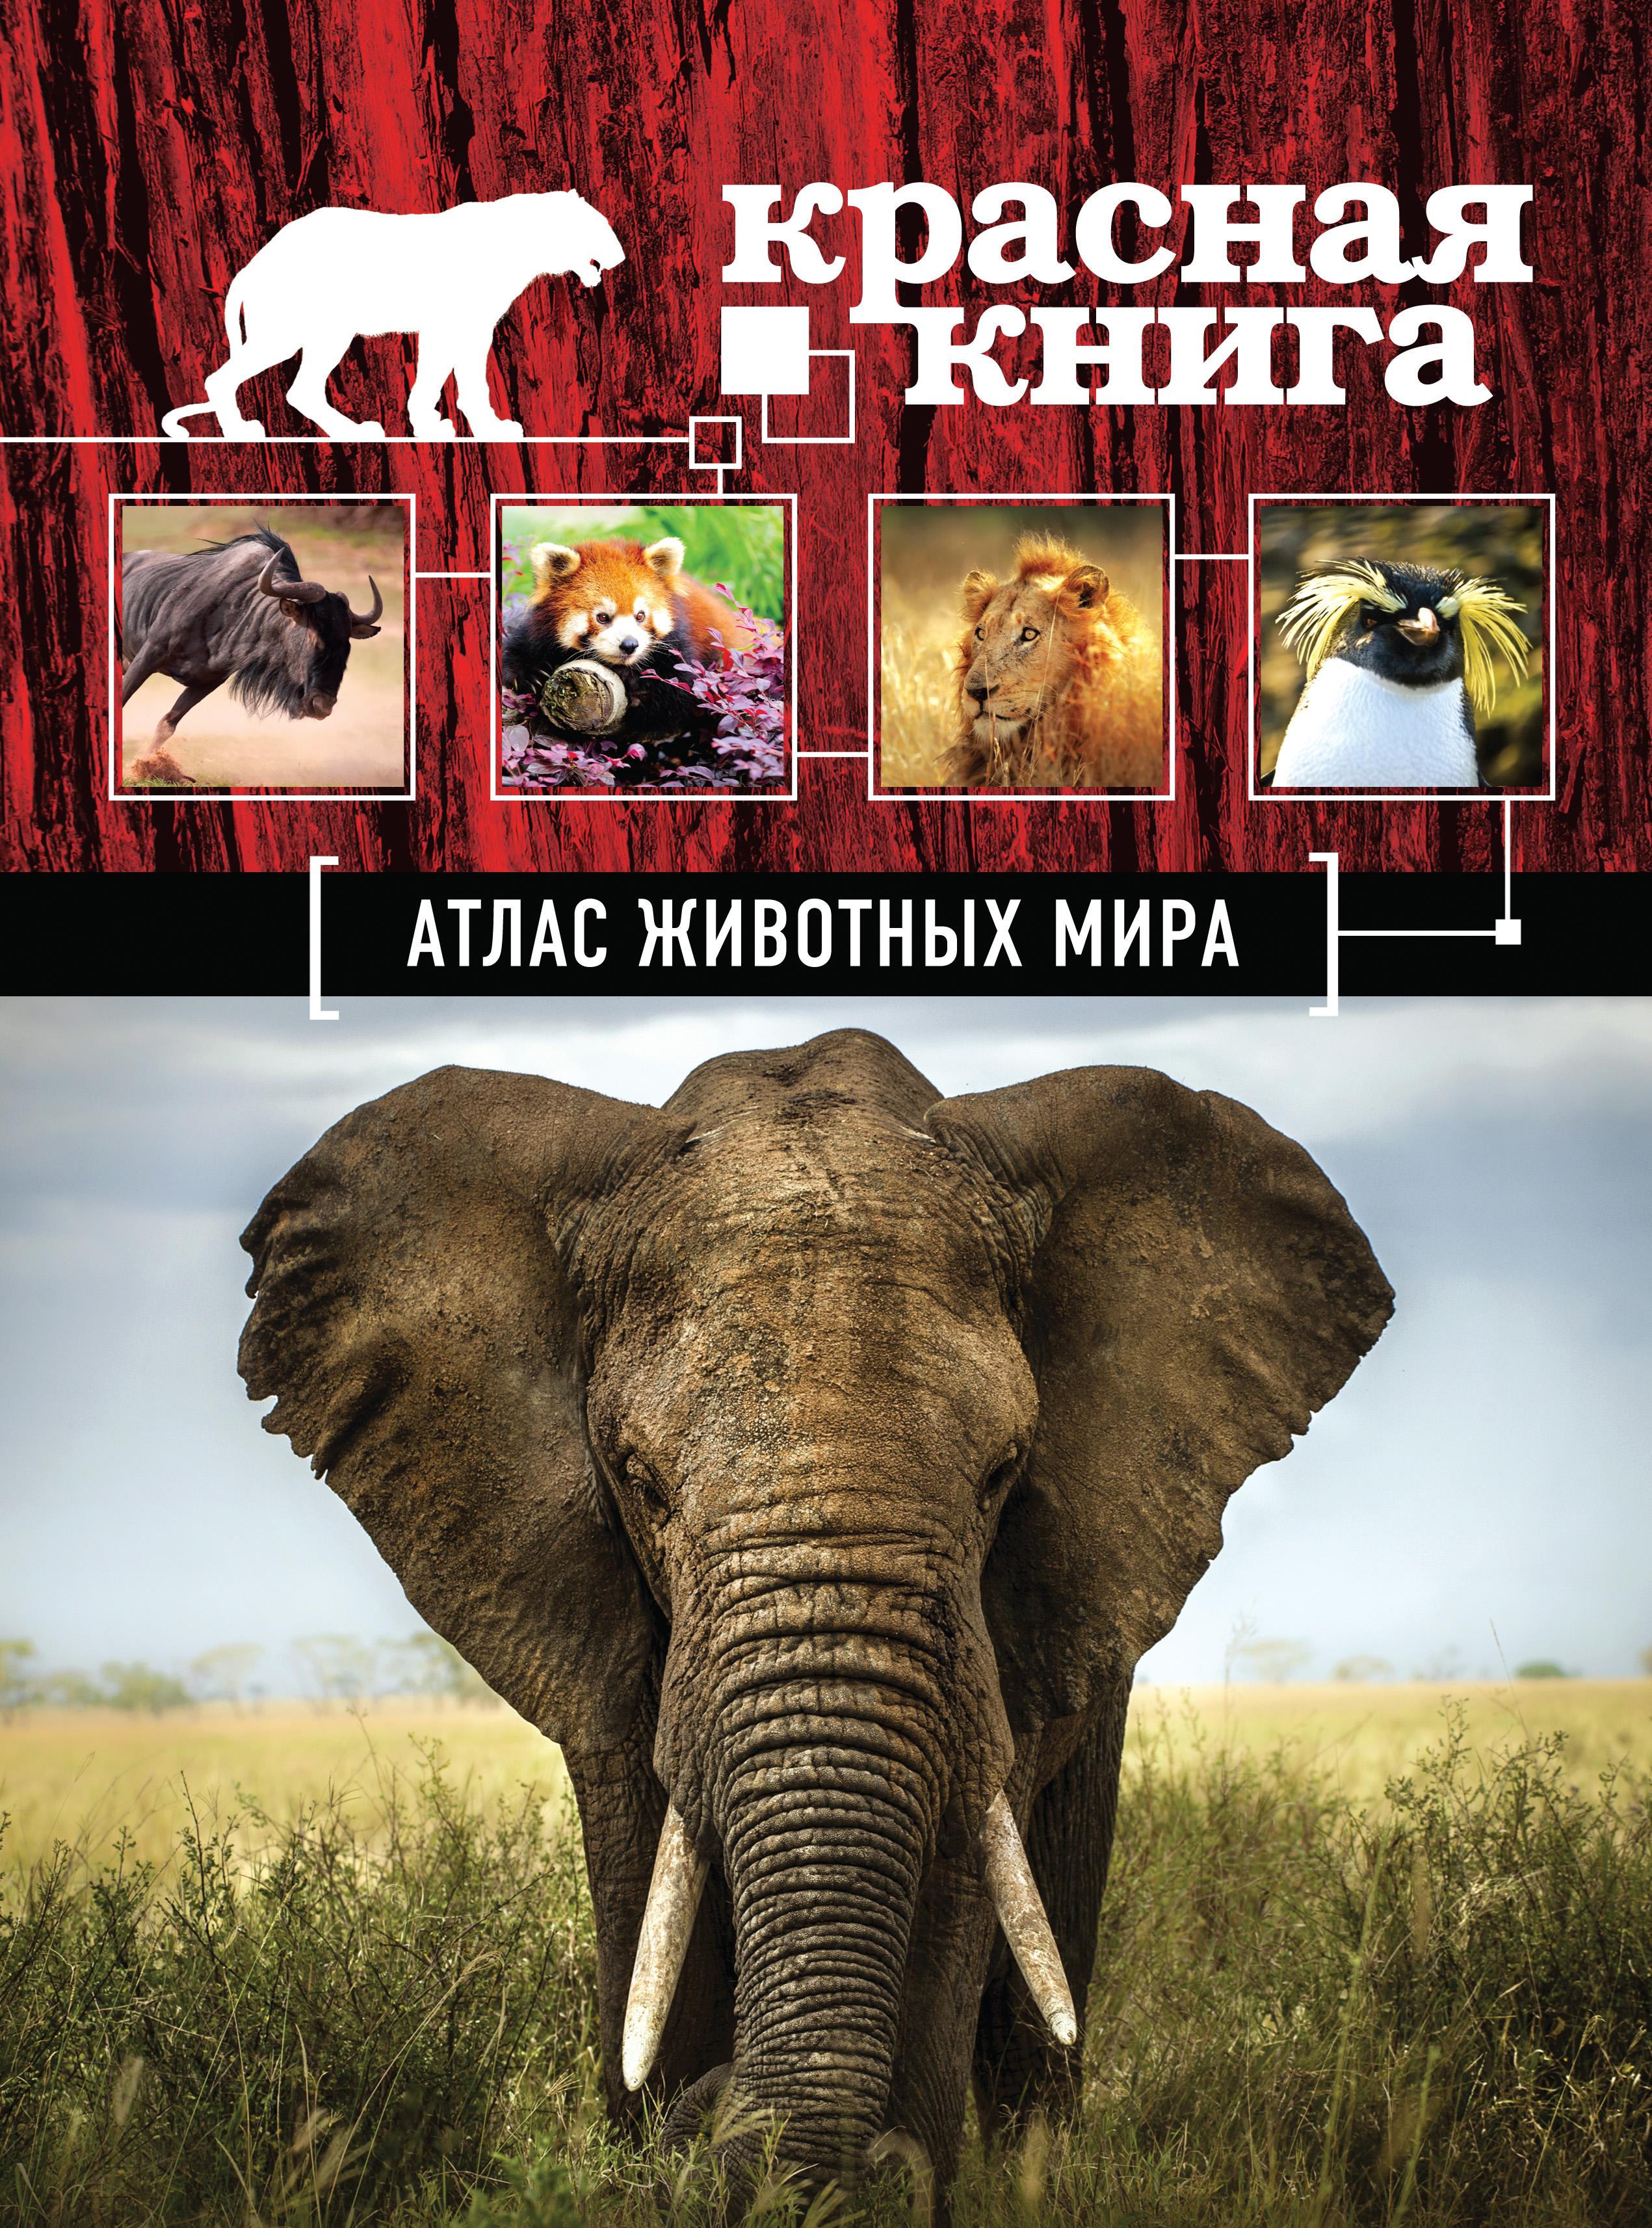 Красная книга. Атлас животных мира